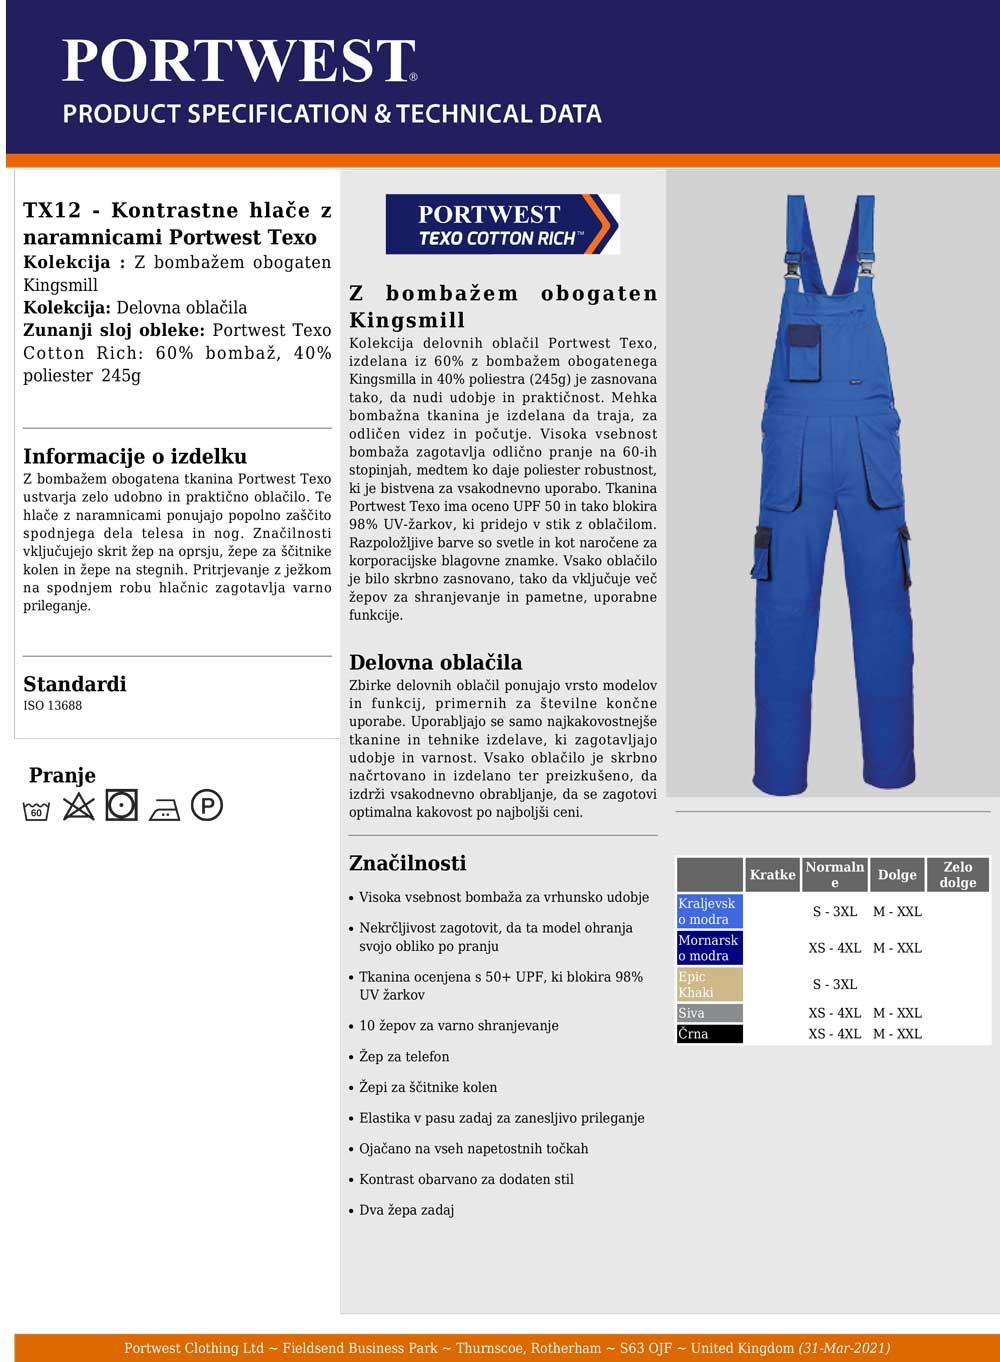 TX12 Specifikacije